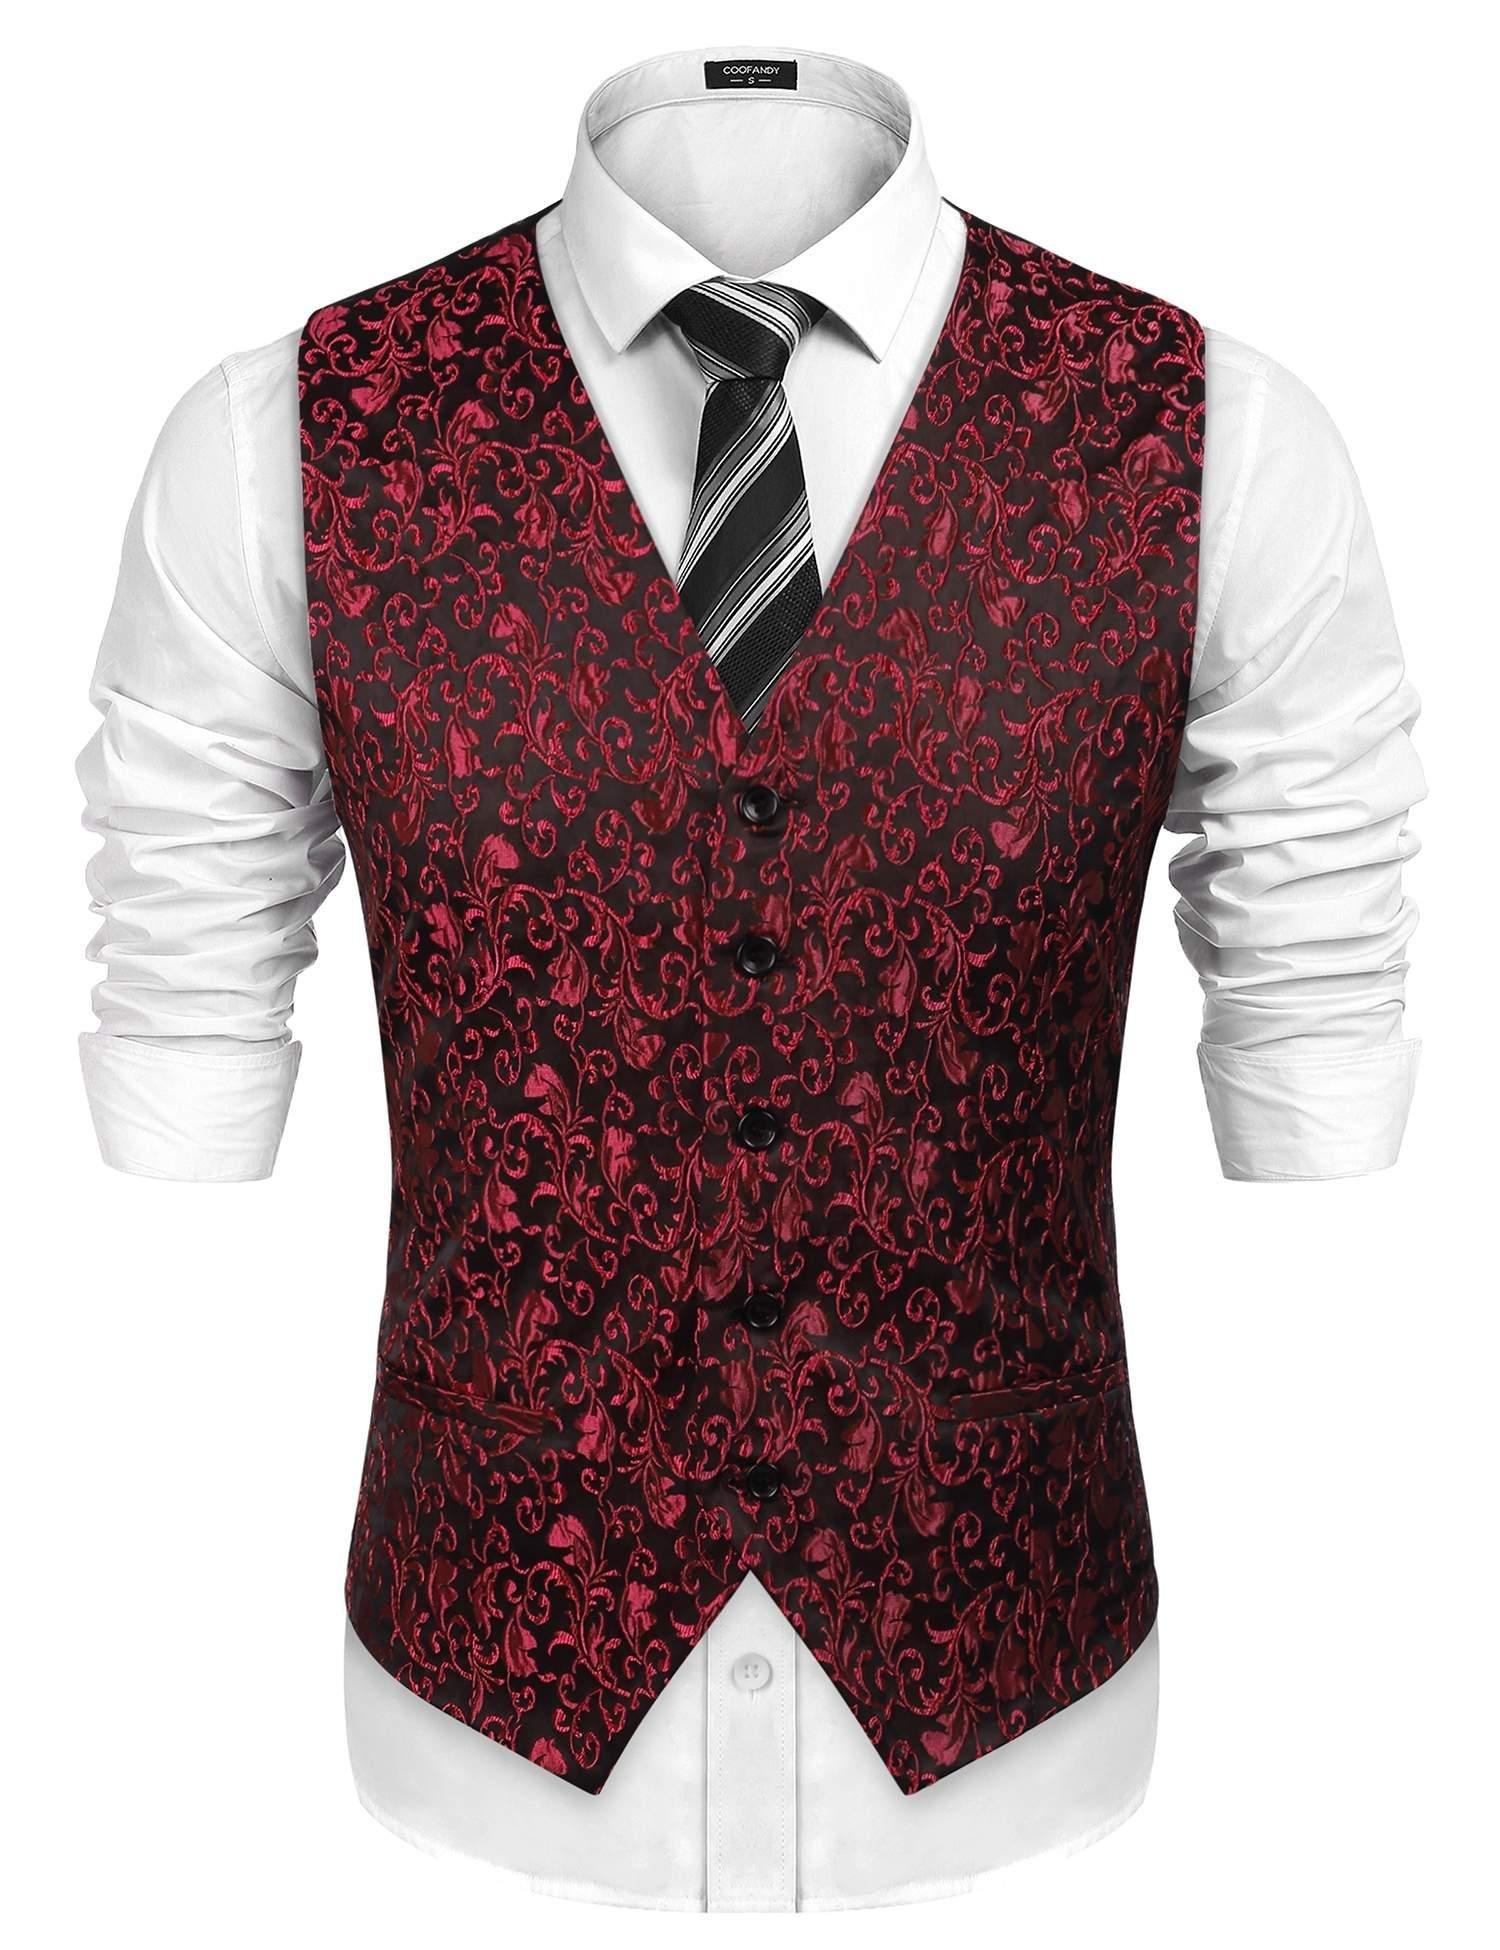 COOFANDY Men's Suit Dress Vest Paisley Floral Tuxedo Vest Slim fit Wedding Waistcoat